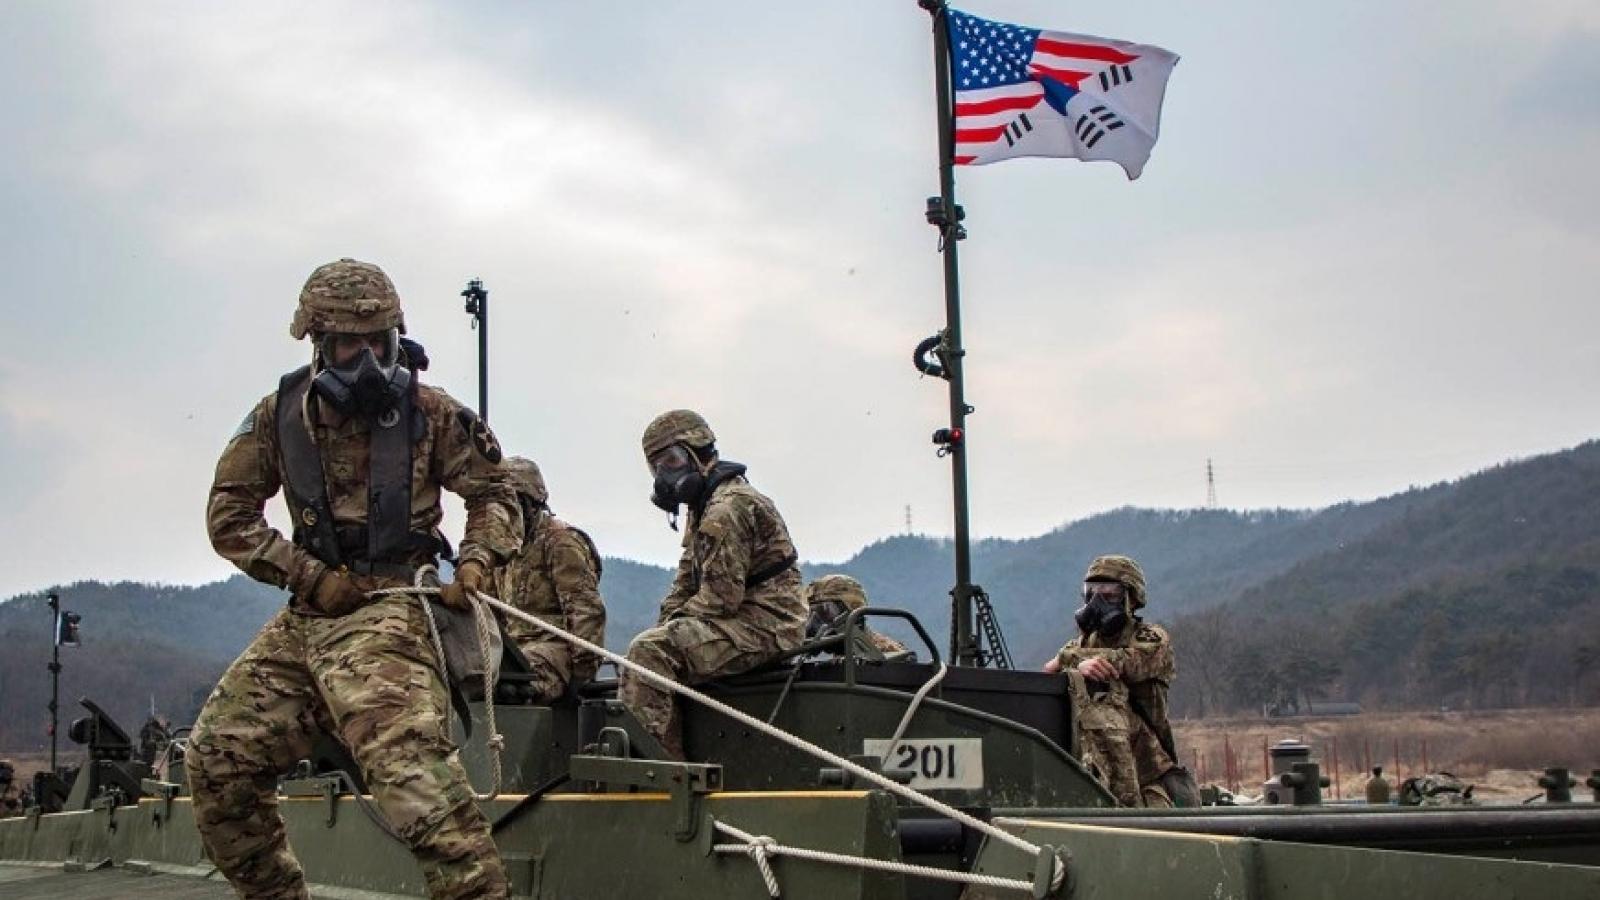 Quân đội Mỹ, Hàn Quốc tập trận chung bất chấp Covid-19